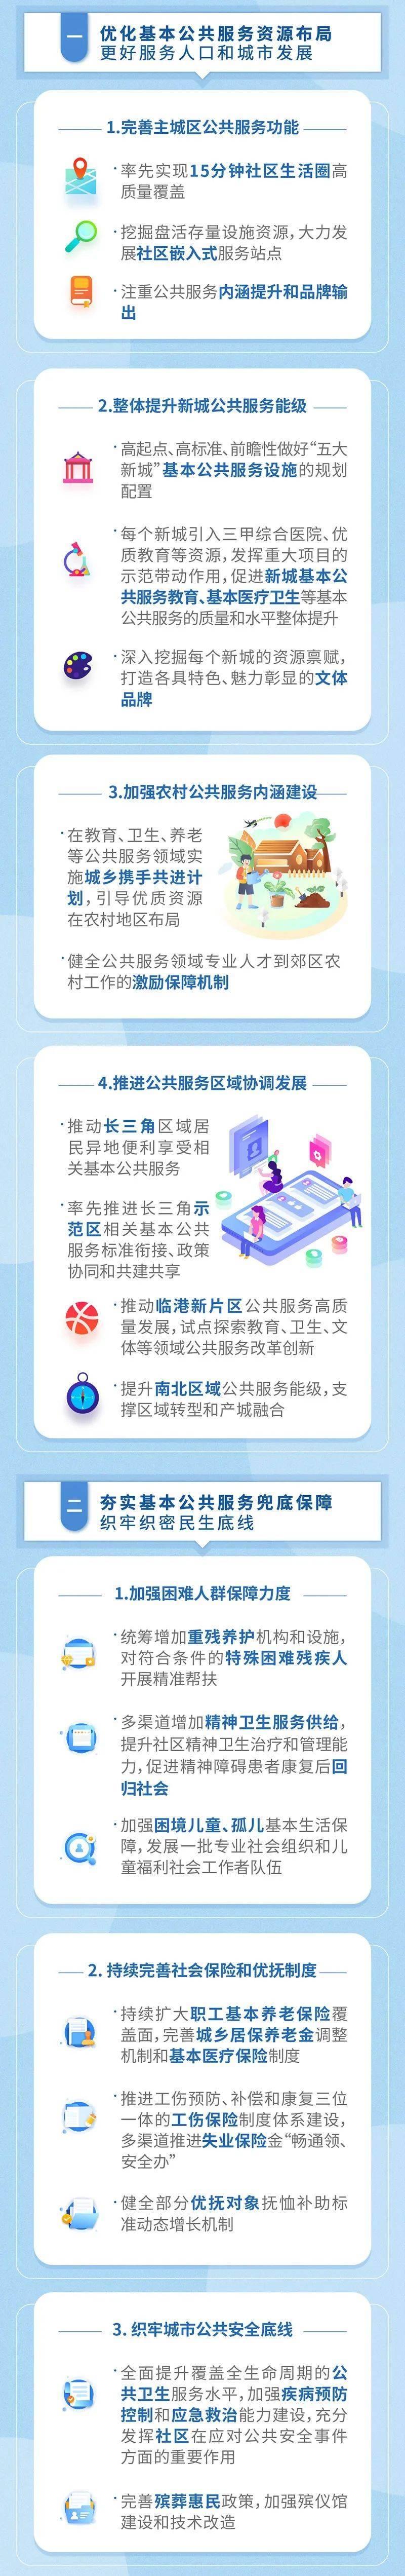 上海新一轮基本公共服务规划出炉 五大新城资源配置、长三角异地共享纳入重点